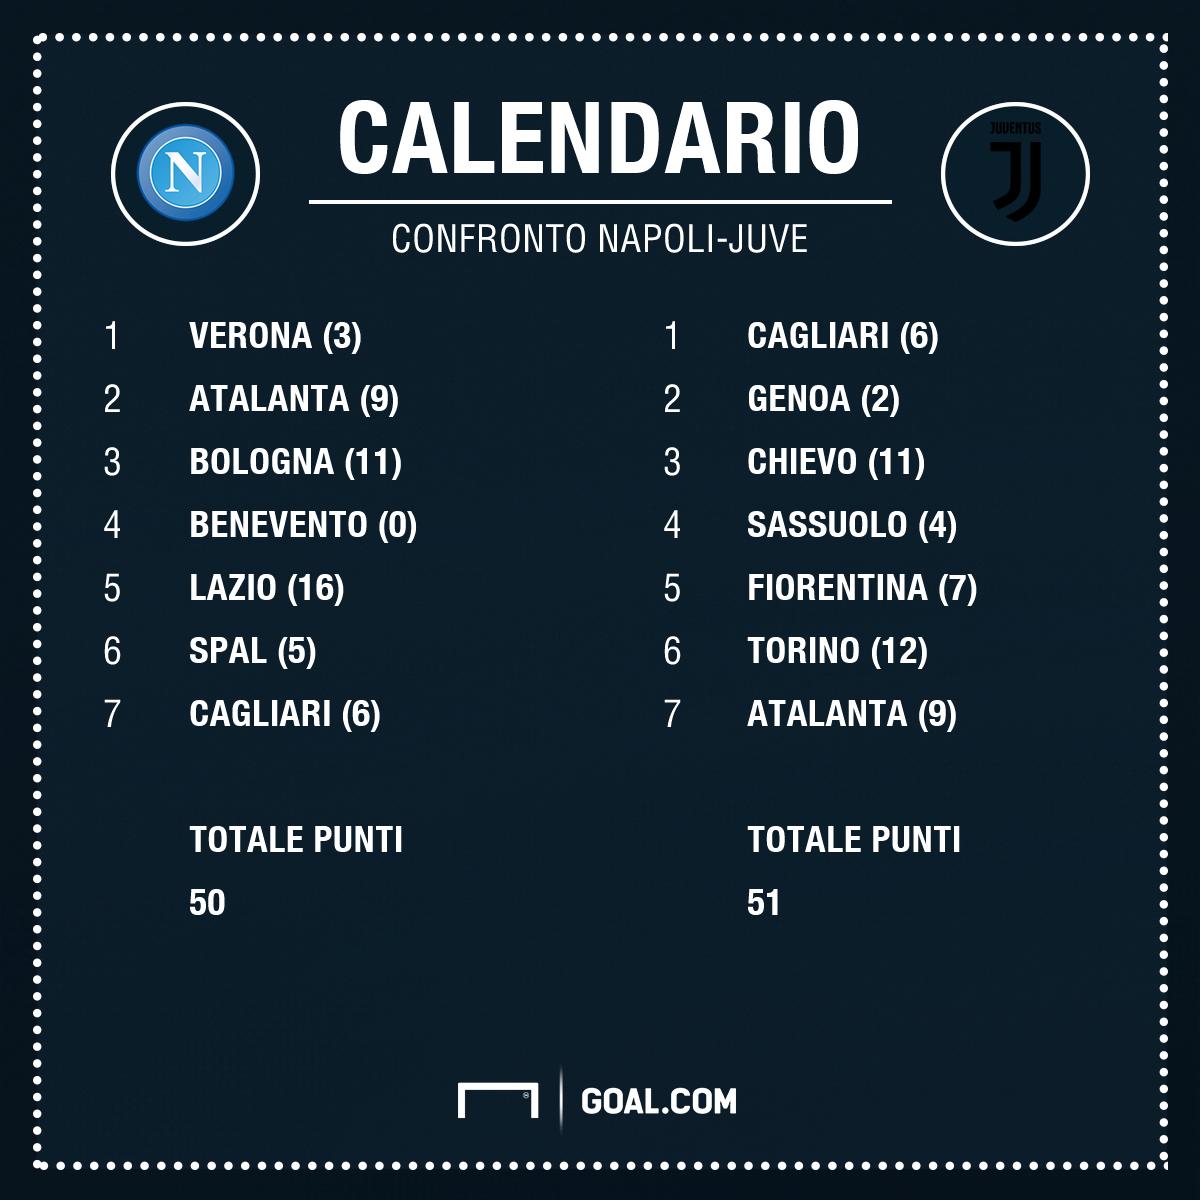 Calendario Napoli E Juve A Confronto.Calendario Piu Facile Per Il Napoli I Numeri Dicono Di No